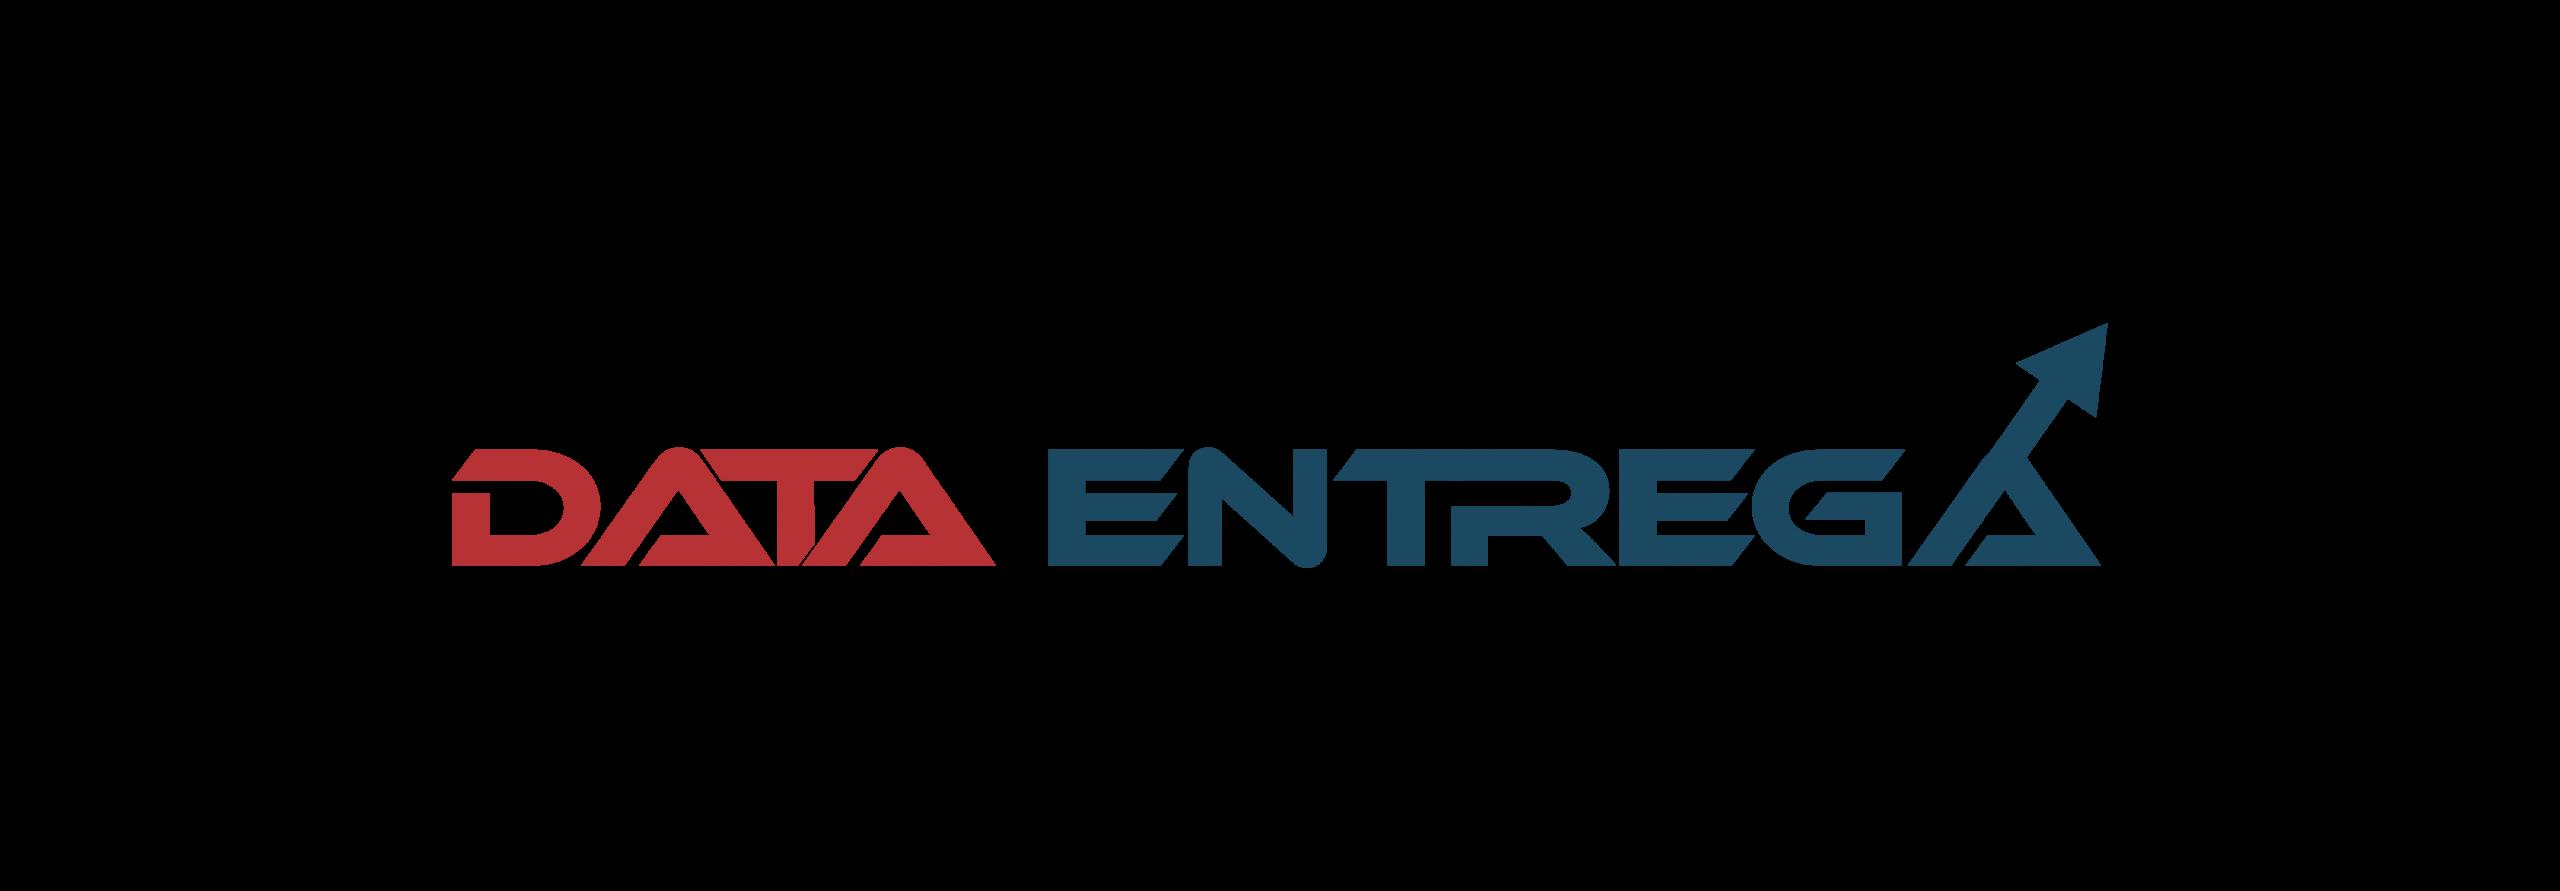 Data Entrega